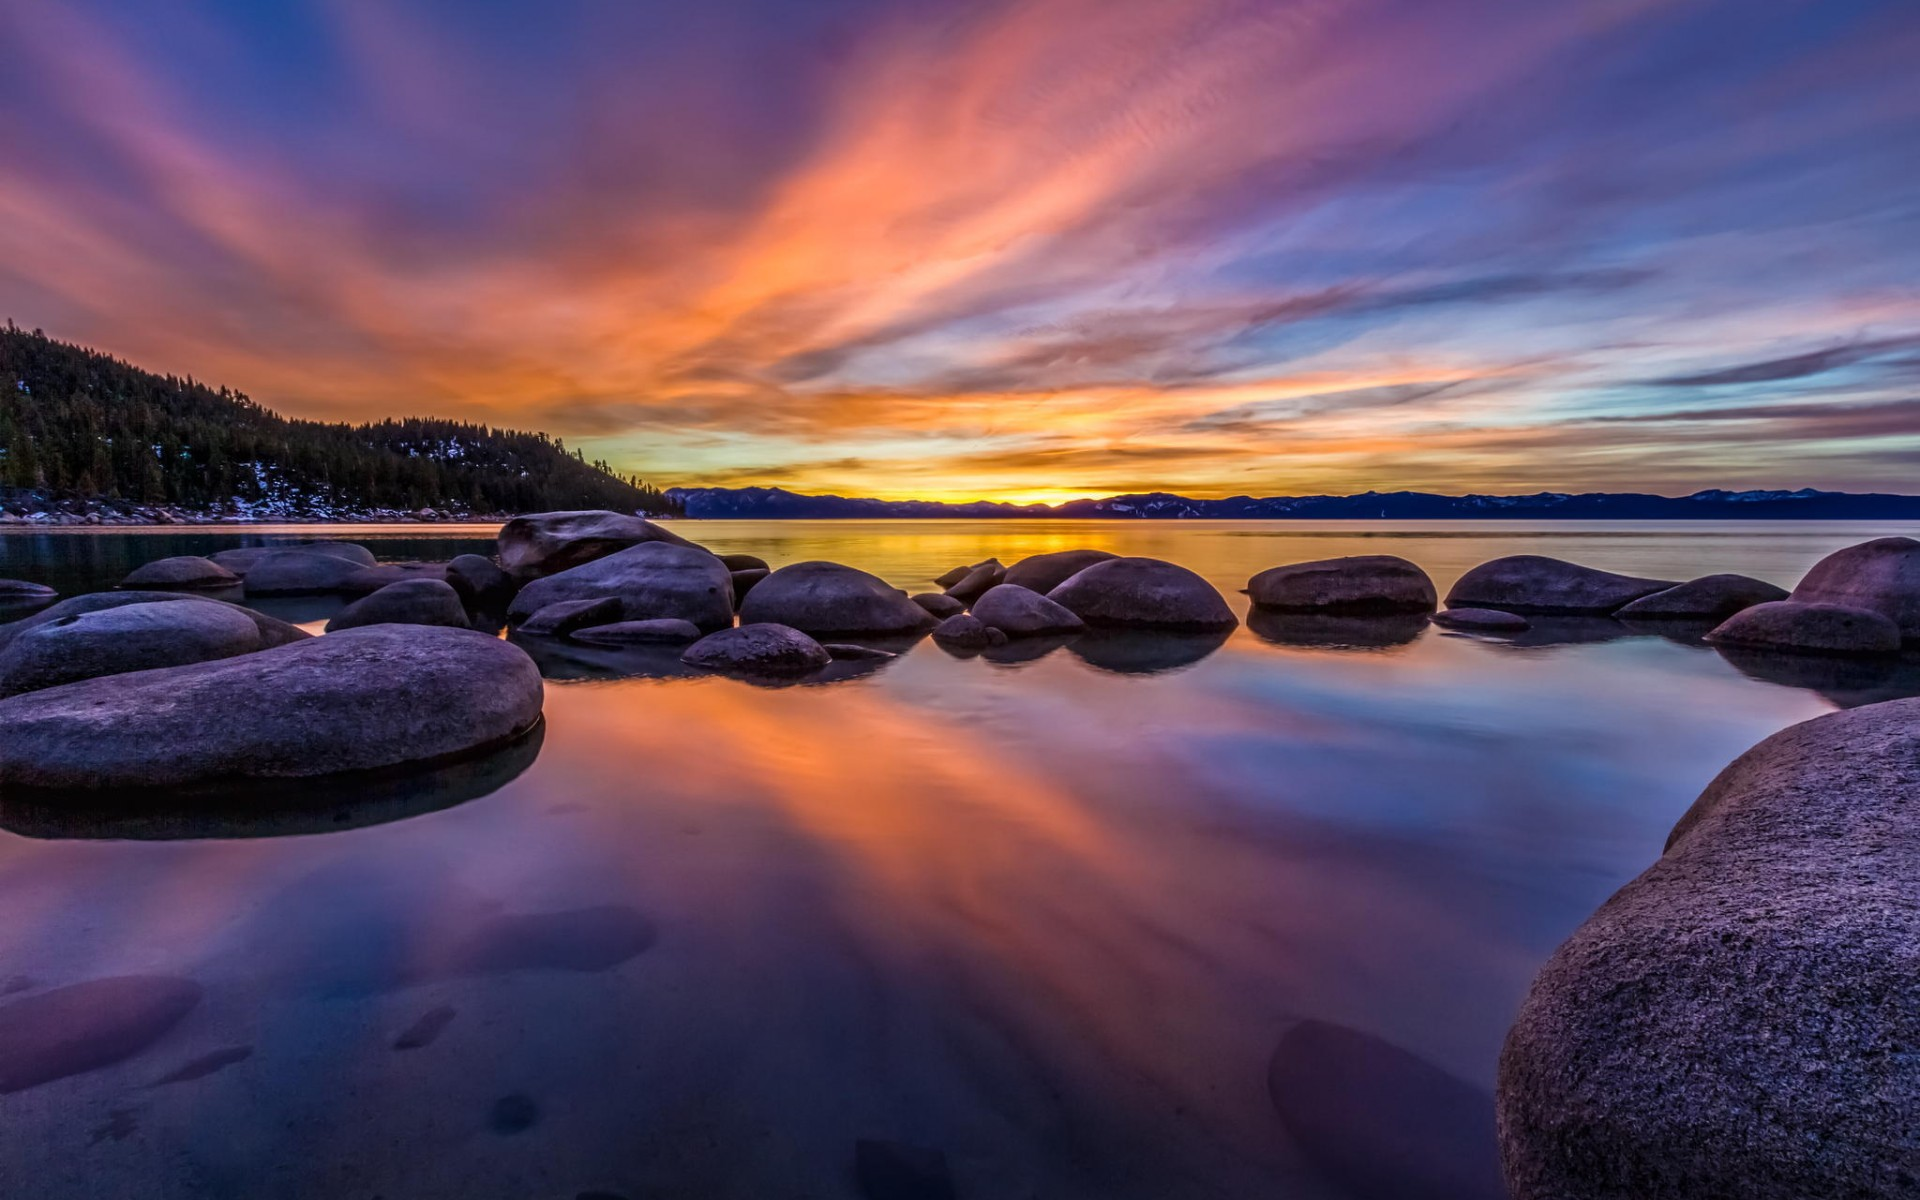 Закат озеро камни бесплатно